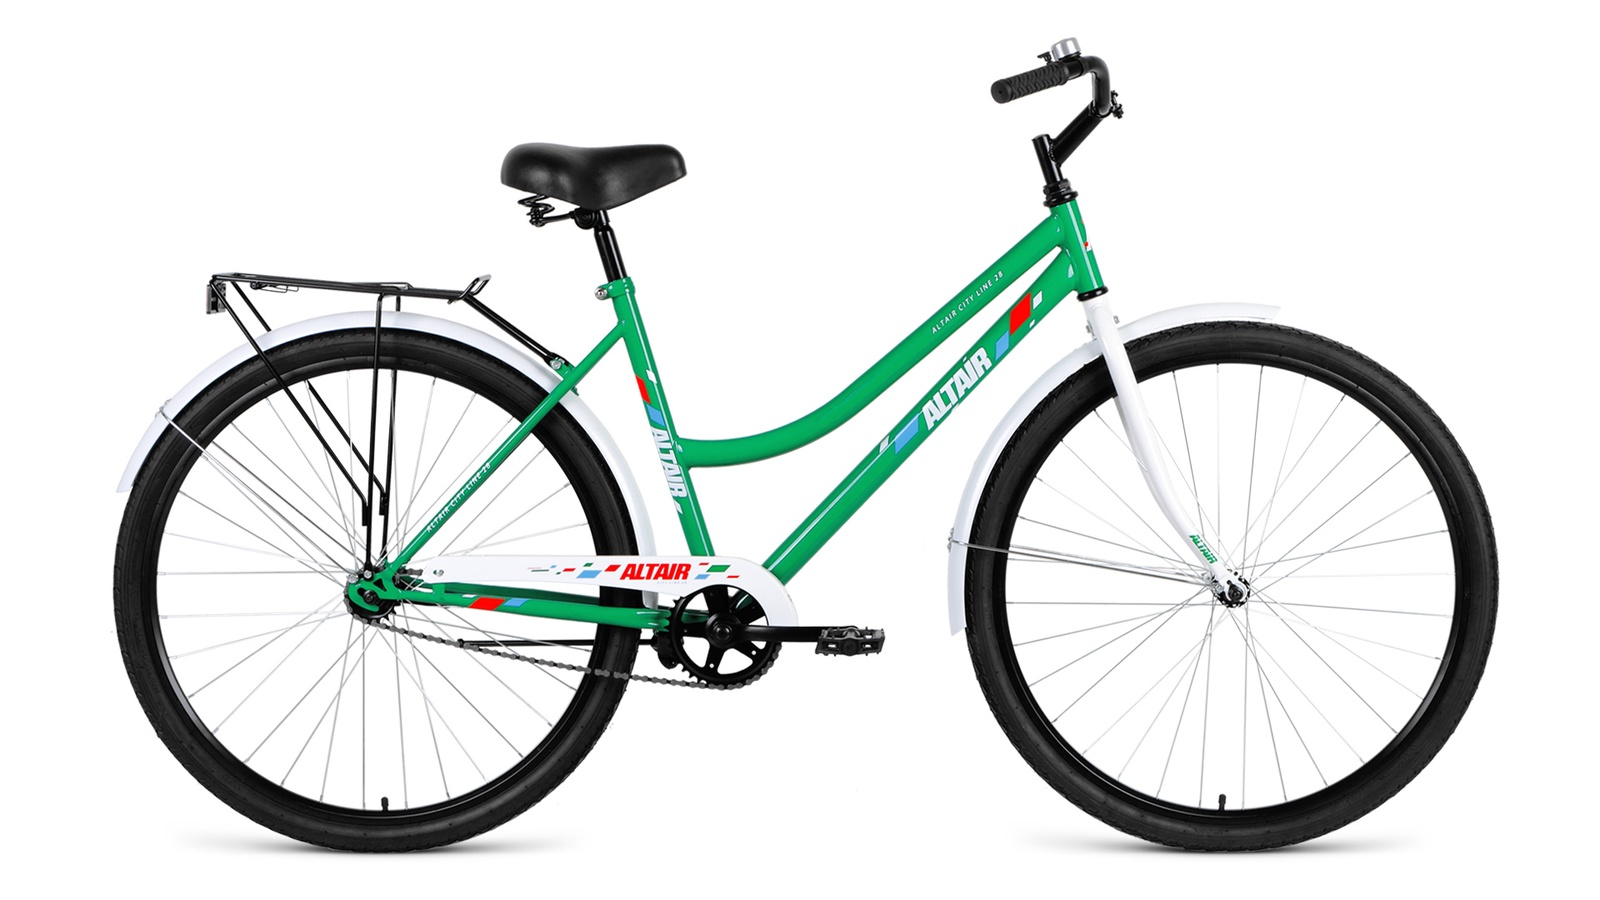 Велосипед Altair City low 28 2019 зеленый утюг kalunas kgc 7180